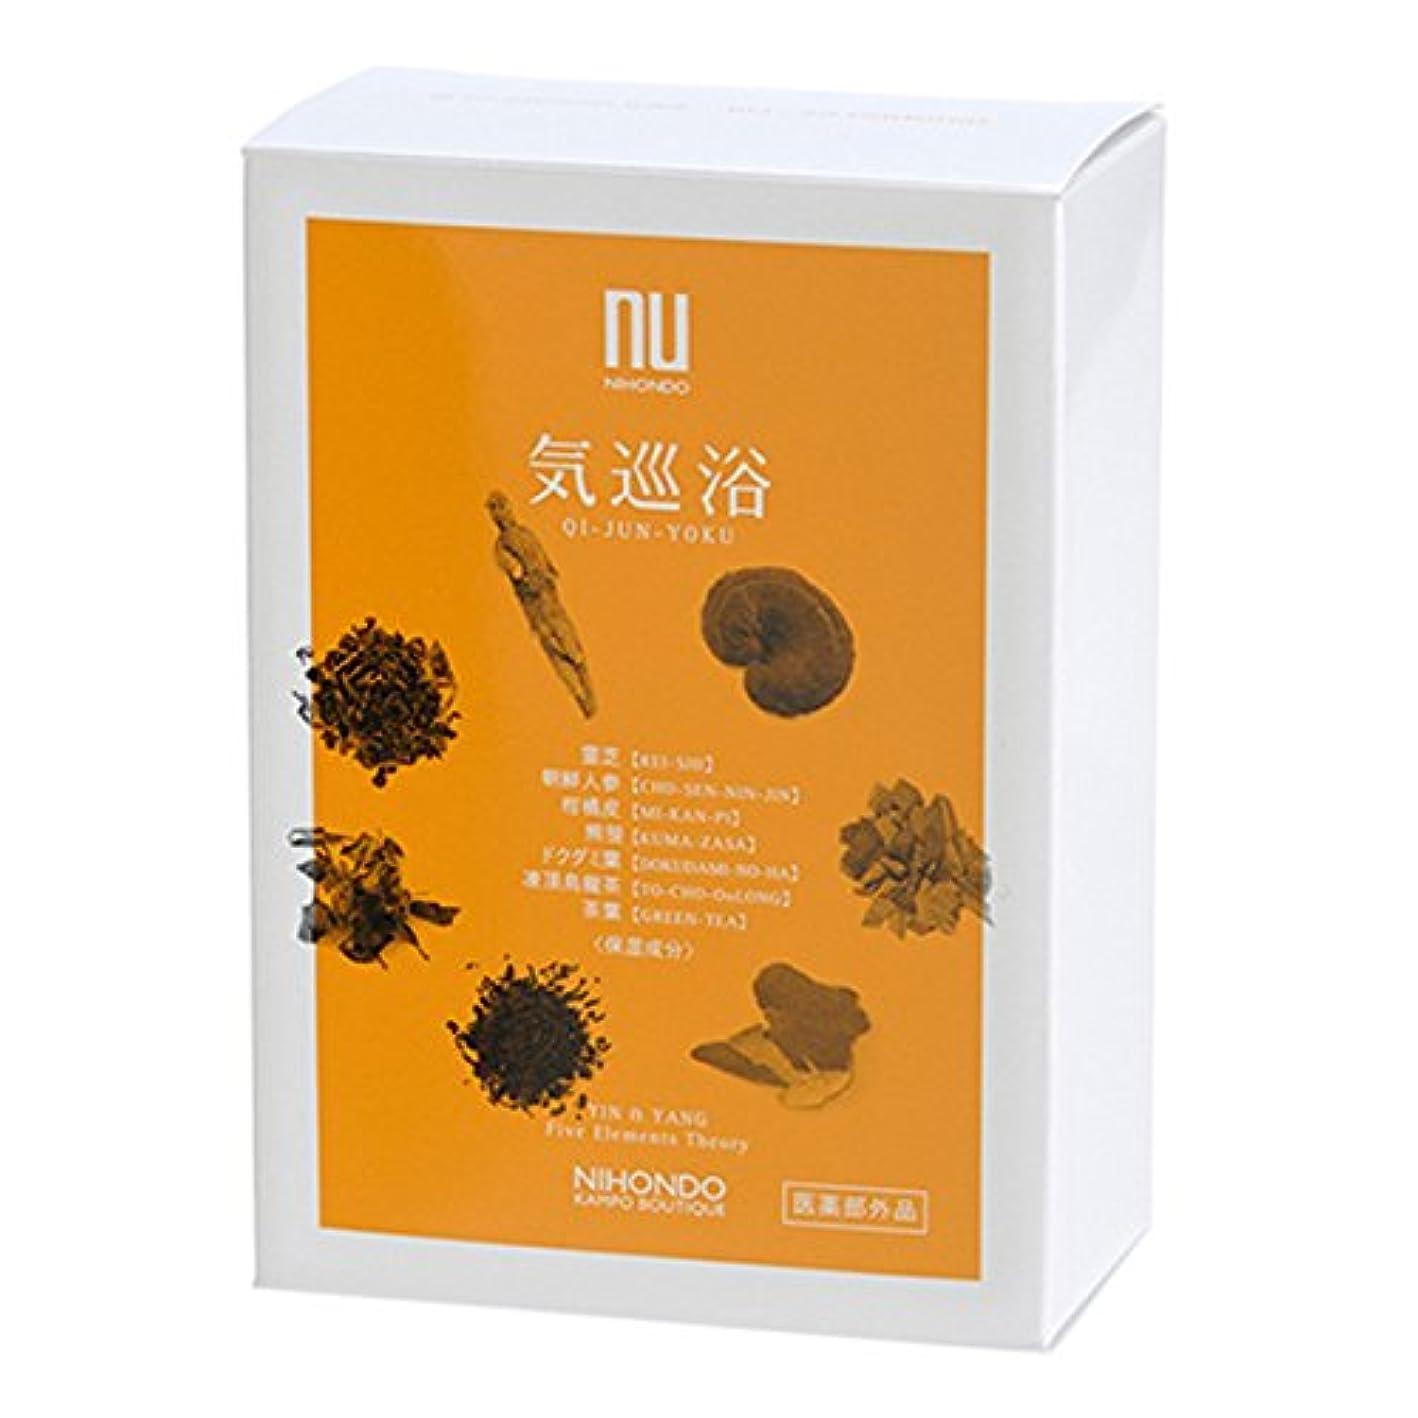 効率的にあごひげ薄い薬用 気巡浴(医薬部外品)25g×6包 ニホンドウ(薬日本堂)